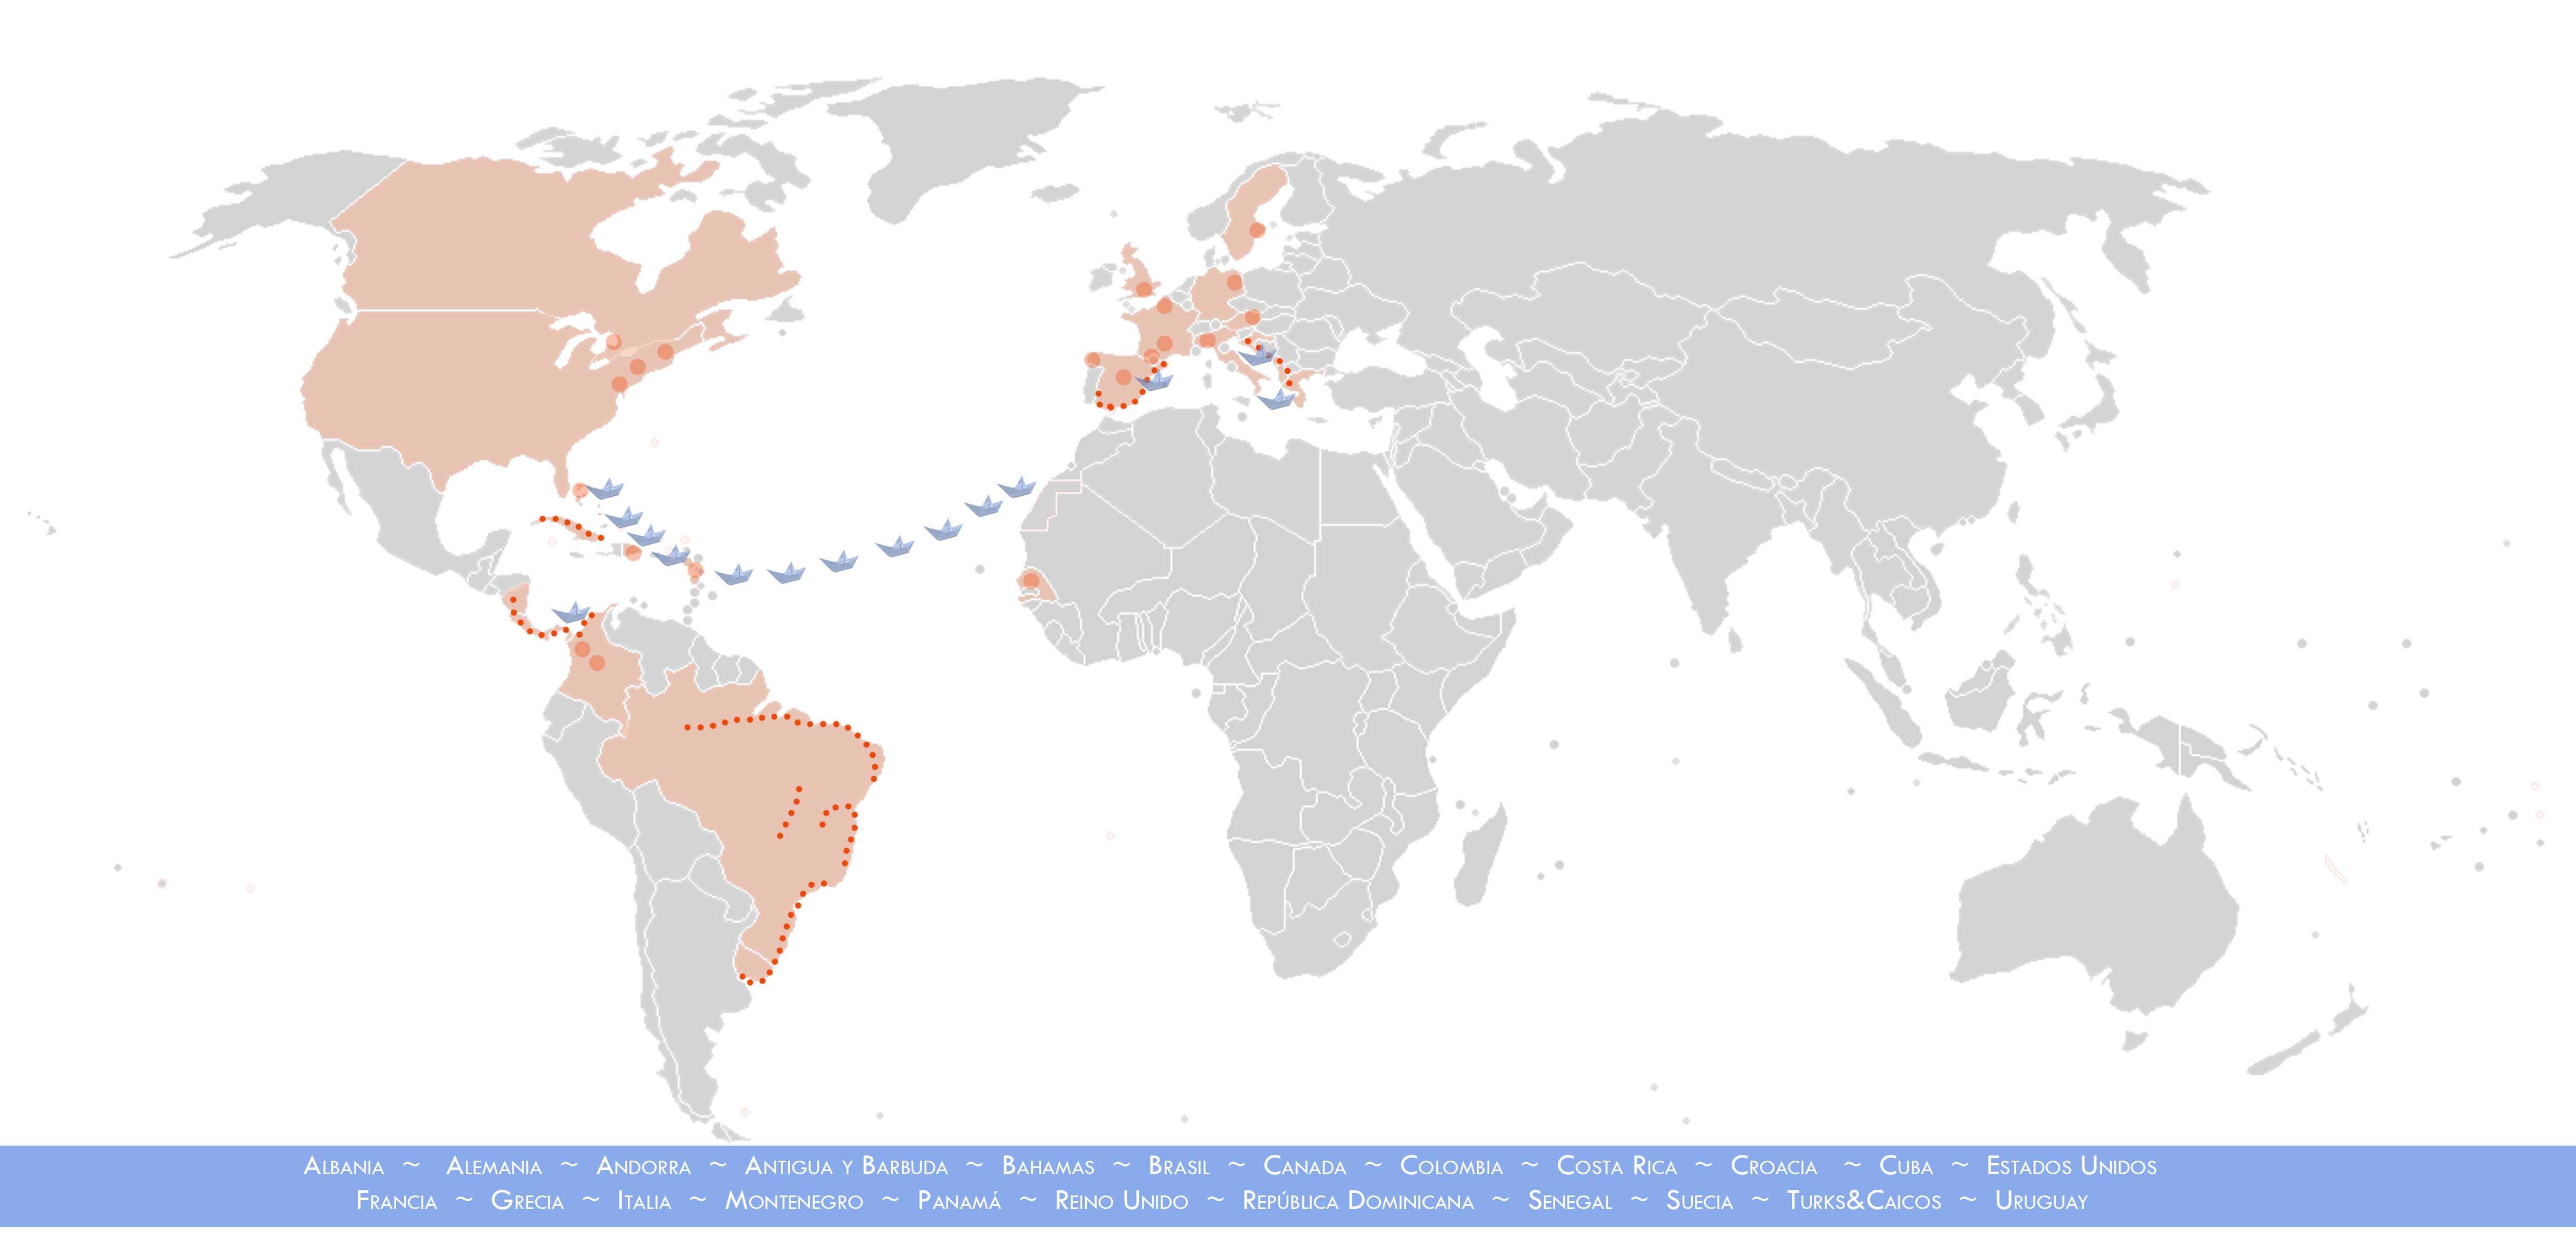 Mapa viajes Allende los mares